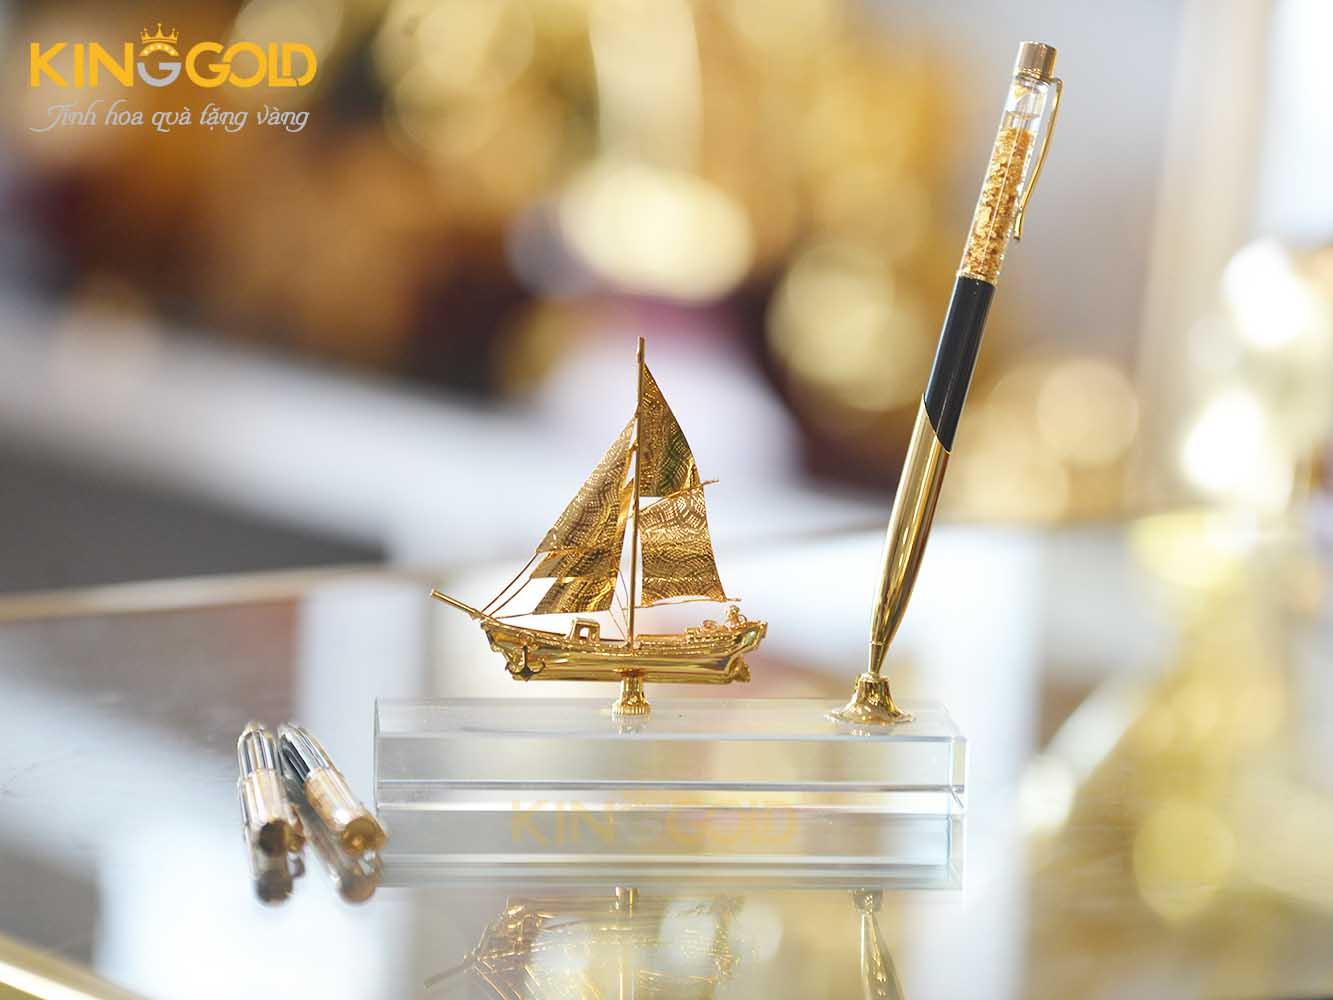 Quà tặng năm chuột canh tý 2020 dành cho sếp - Đế cắm viết thuận buồm xuôi gió mạ vàng 24k